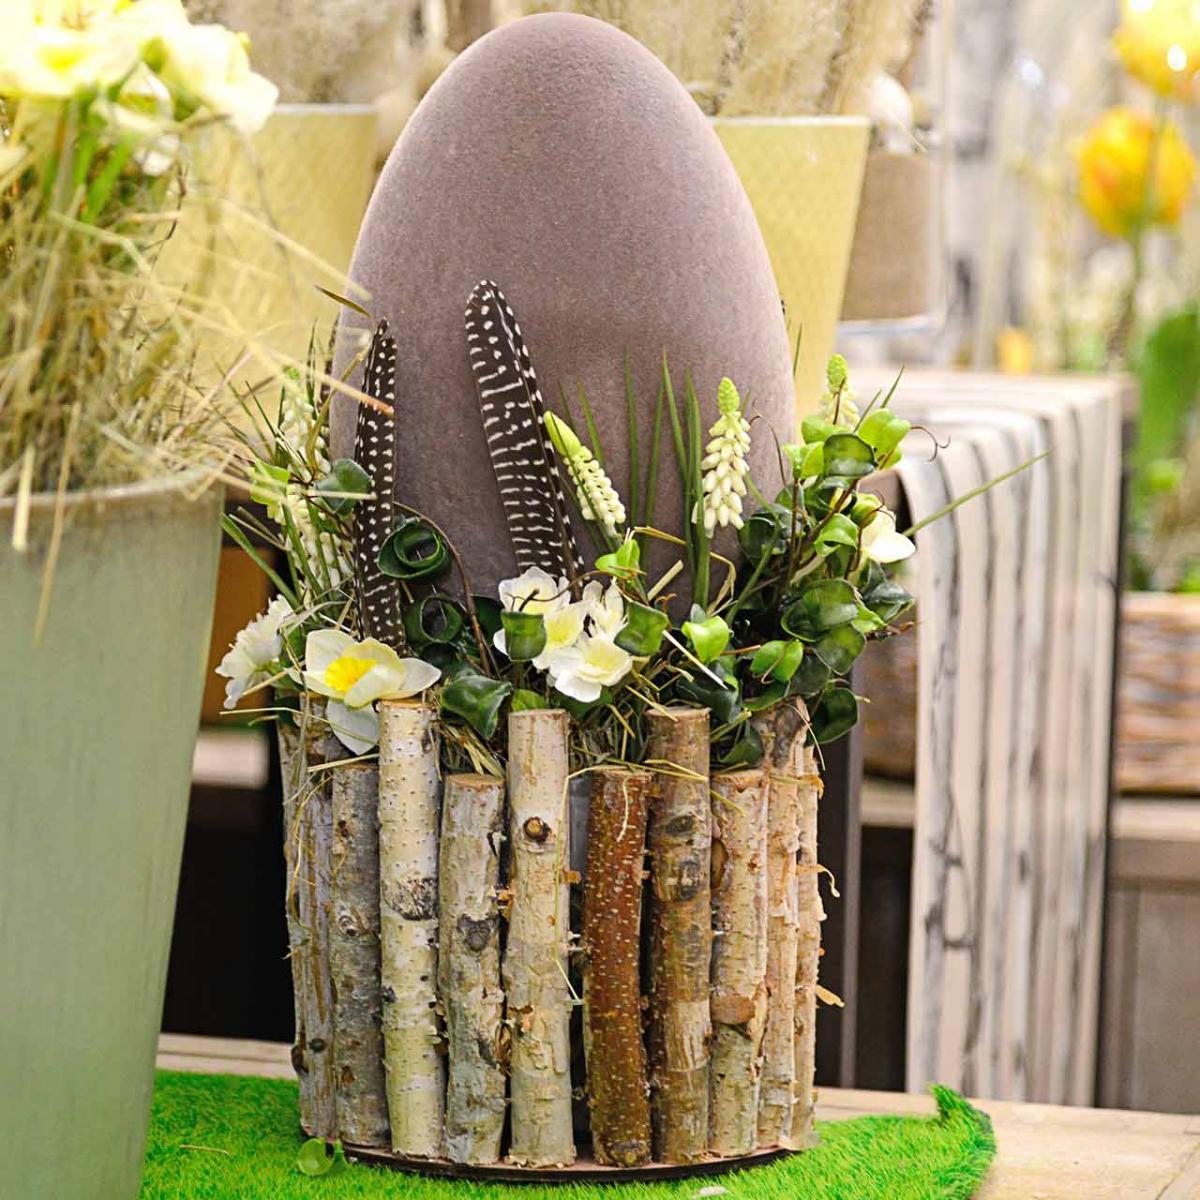 Påskeæg strømmede H25cm Farvede æg påskedekoration